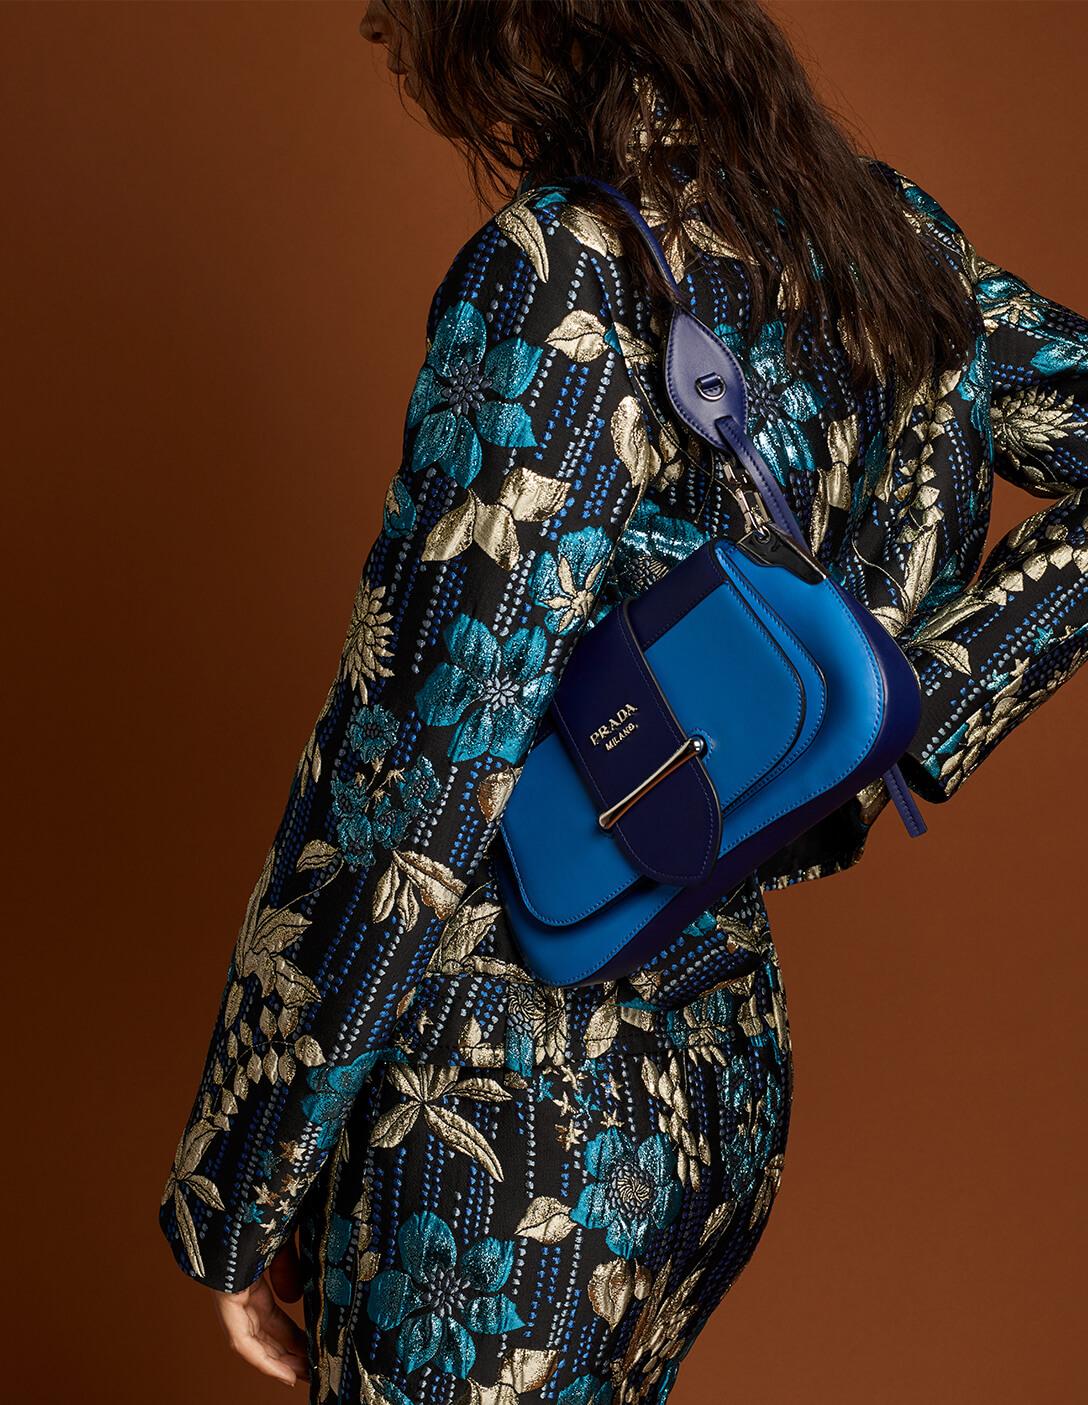 Prada model with blue bag